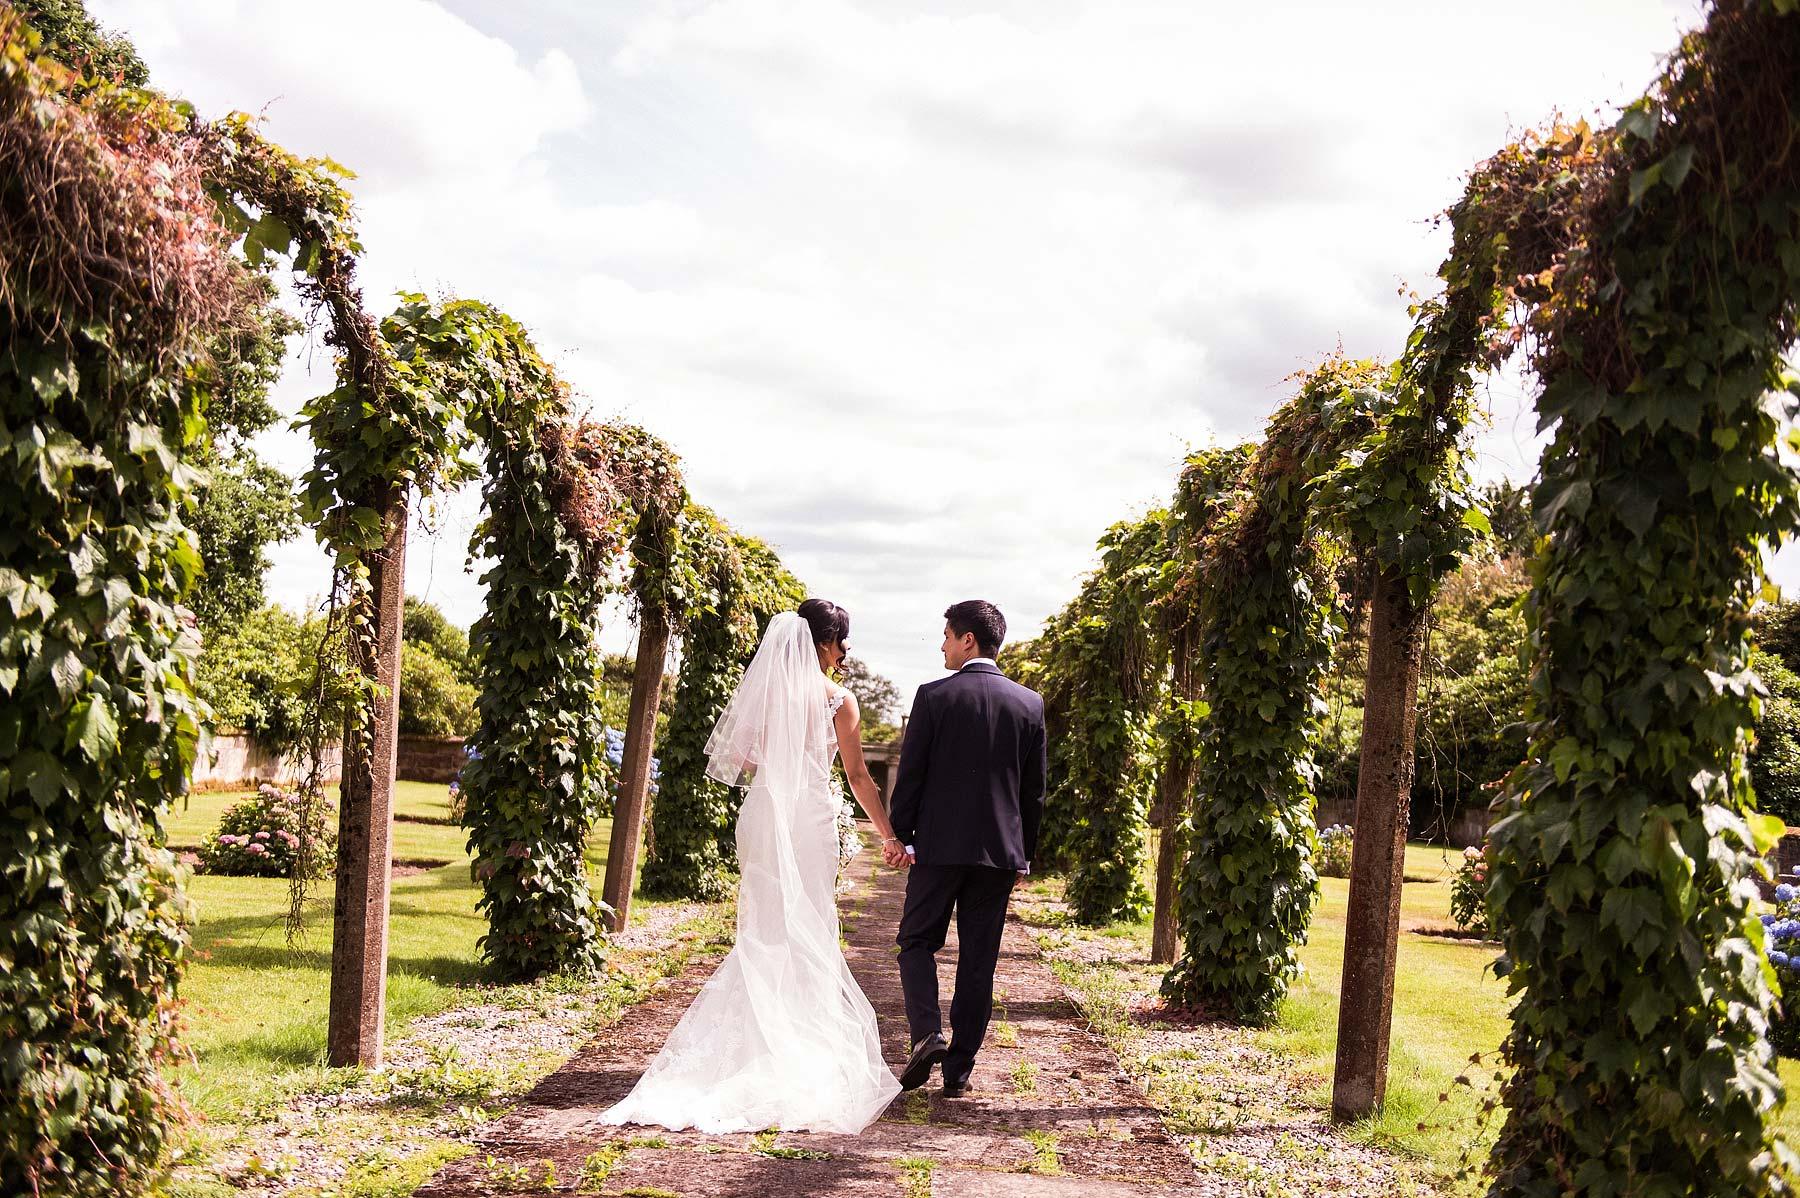 sandon-hall-wedding-photographer-013